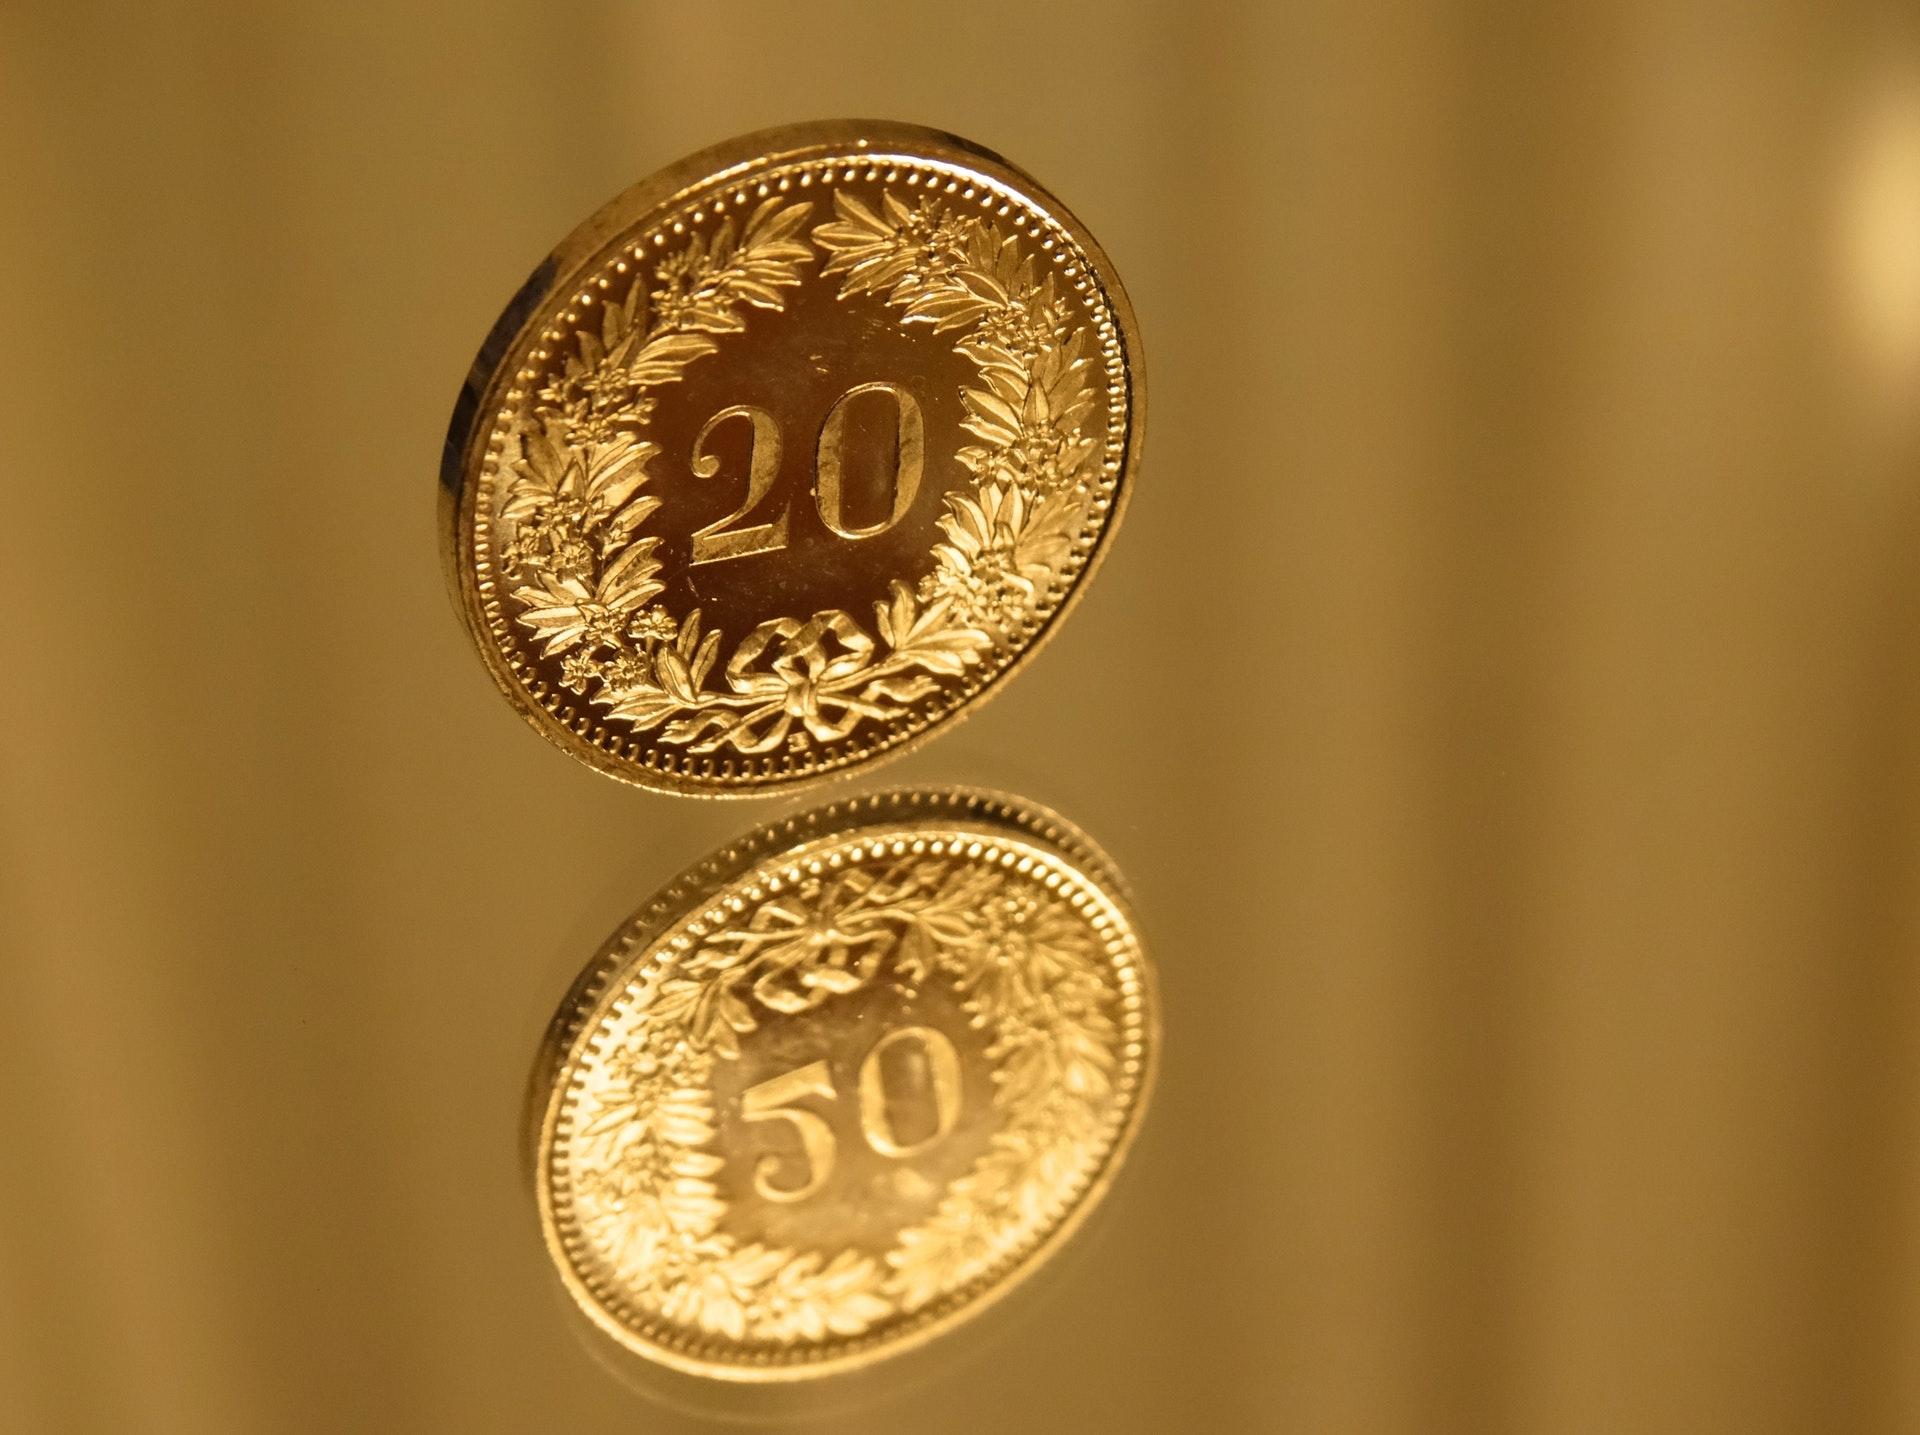 La baisse de la demande en pièces d'investissement crée des opportunités